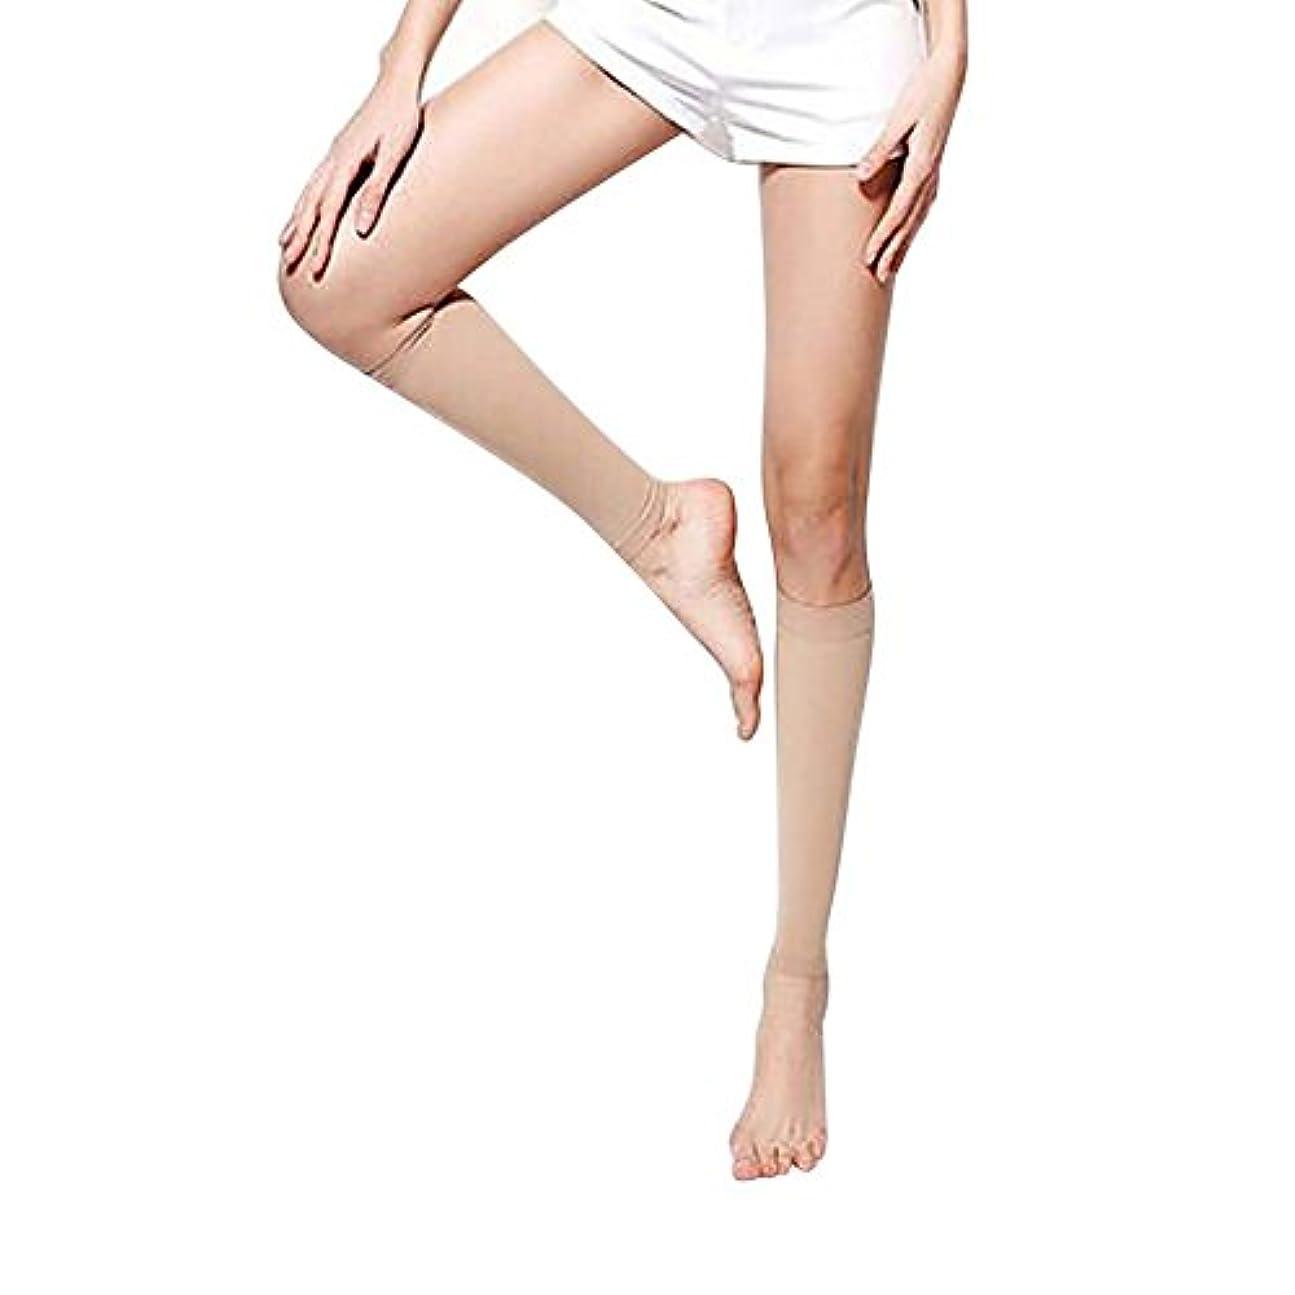 どきどき移行するメンタルkasit 美脚ふくらはぎソックス 着圧ソックス 脂肪燃焼で脛ほっそり ショート